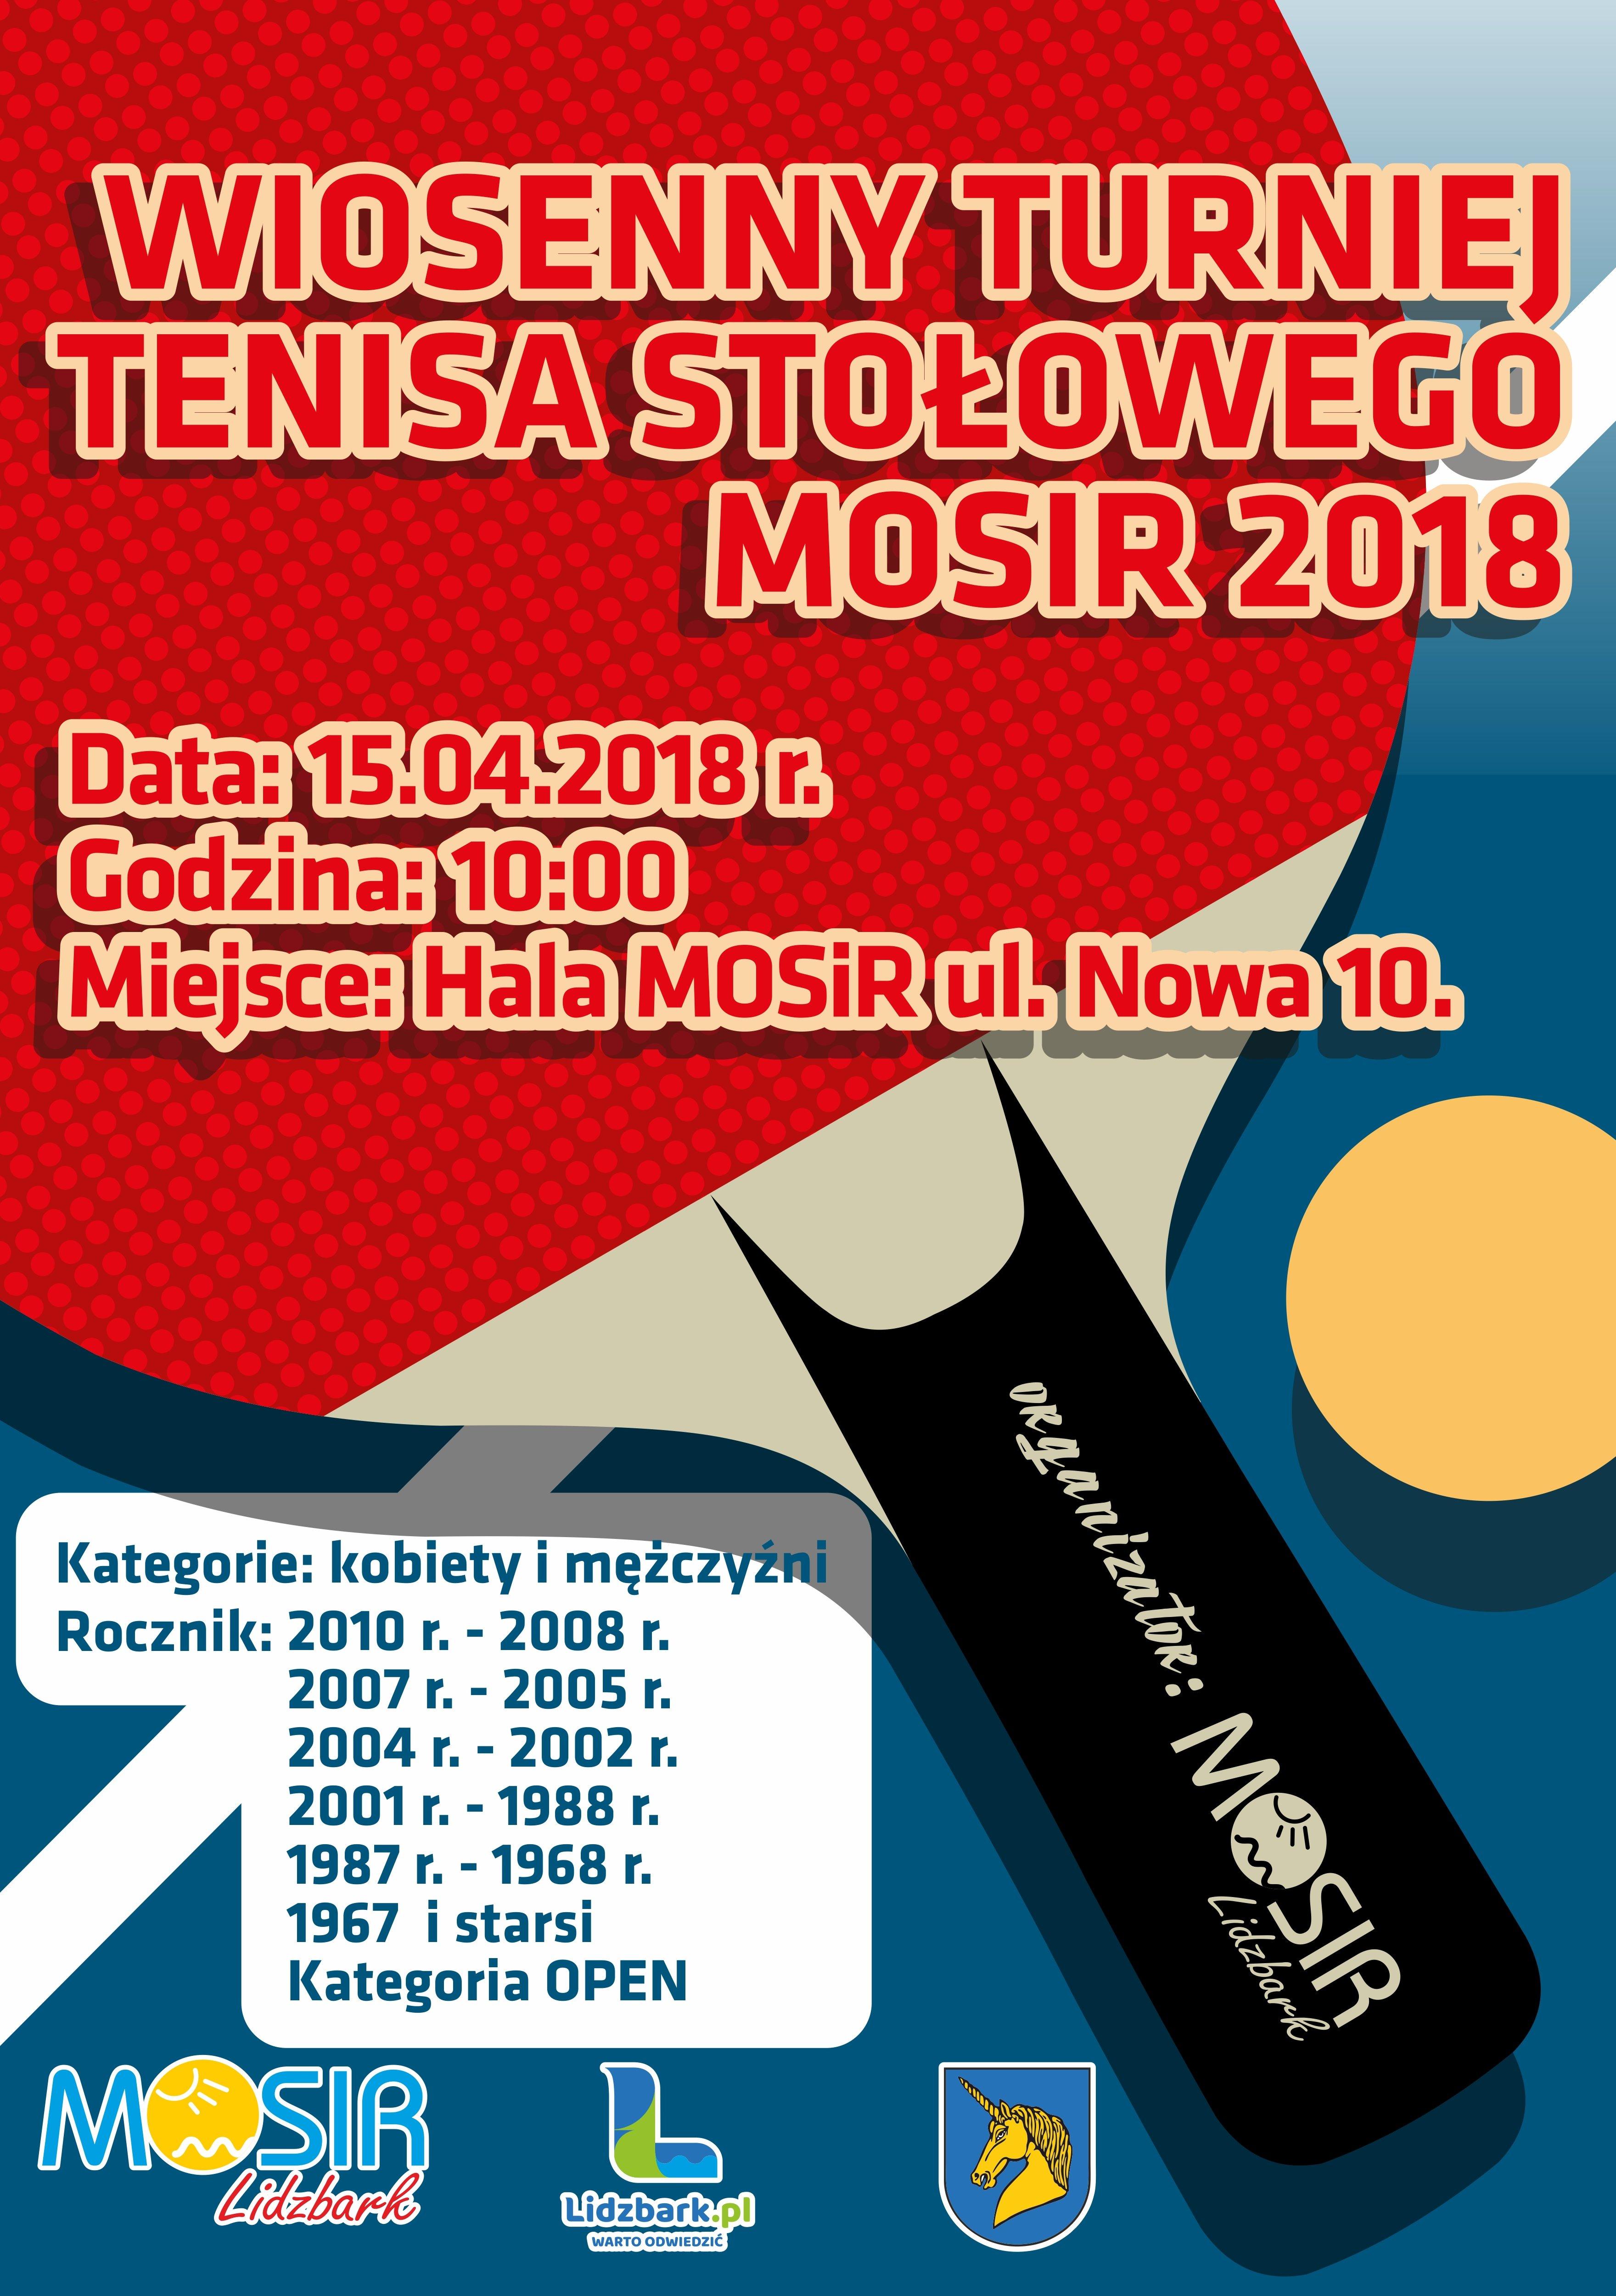 Wiosenny-Turniej-Tenisa-Stołowego-2018